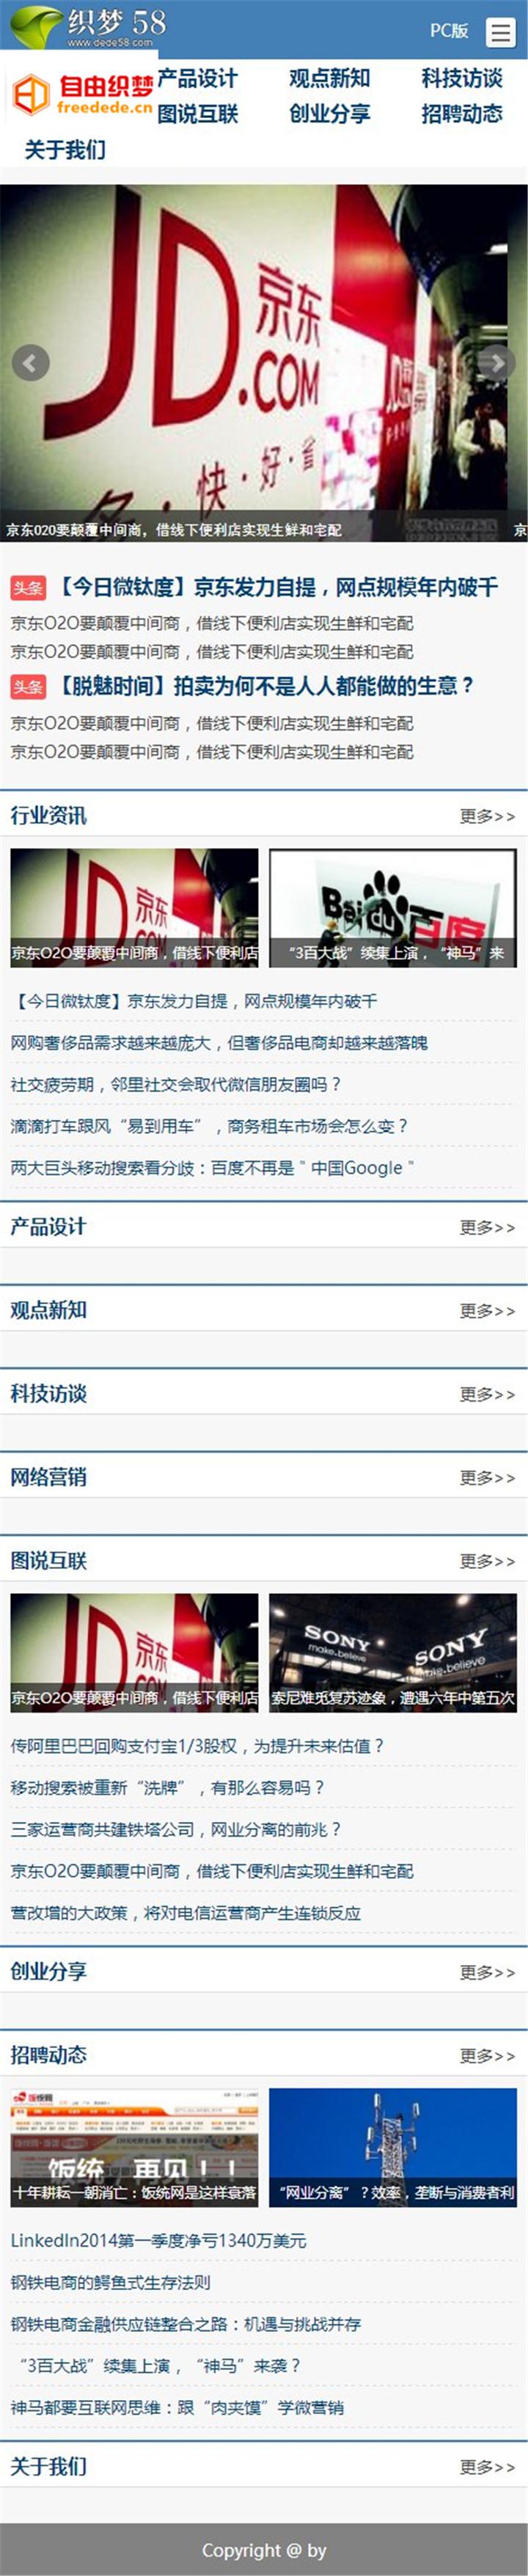 爱上源码网文章最新版织梦蓝色新闻博客类手机模板营销型整站源码下载的内容插图